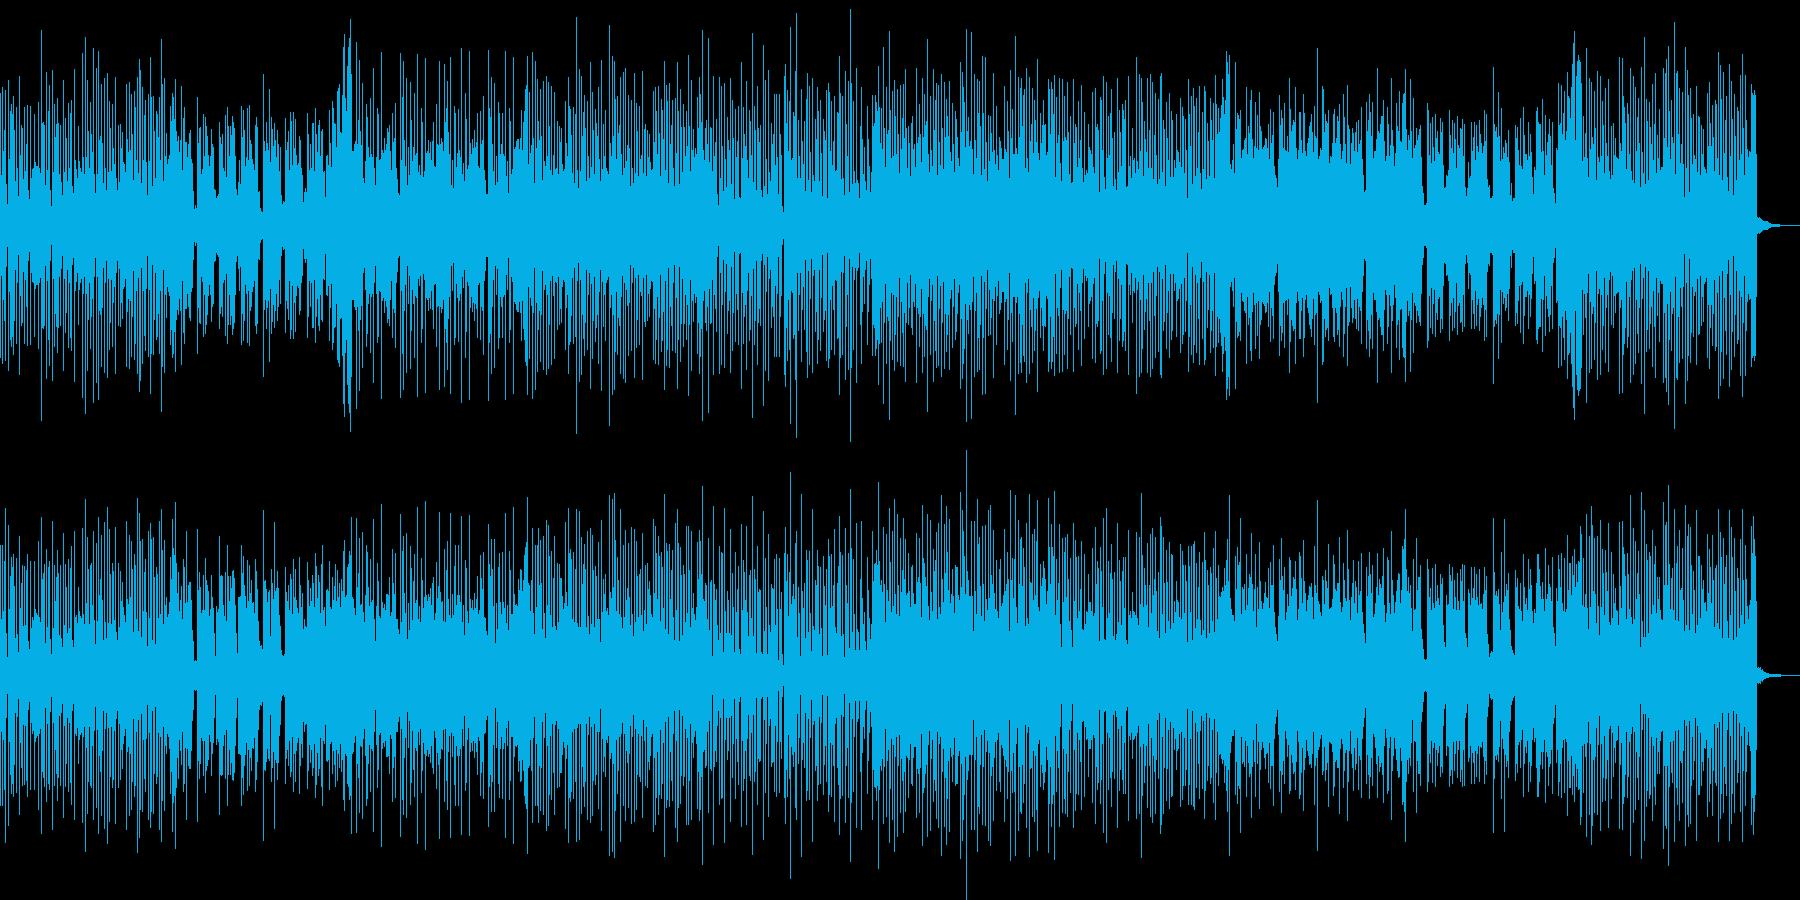 切なくておしゃれな感じのテクノハウスの再生済みの波形